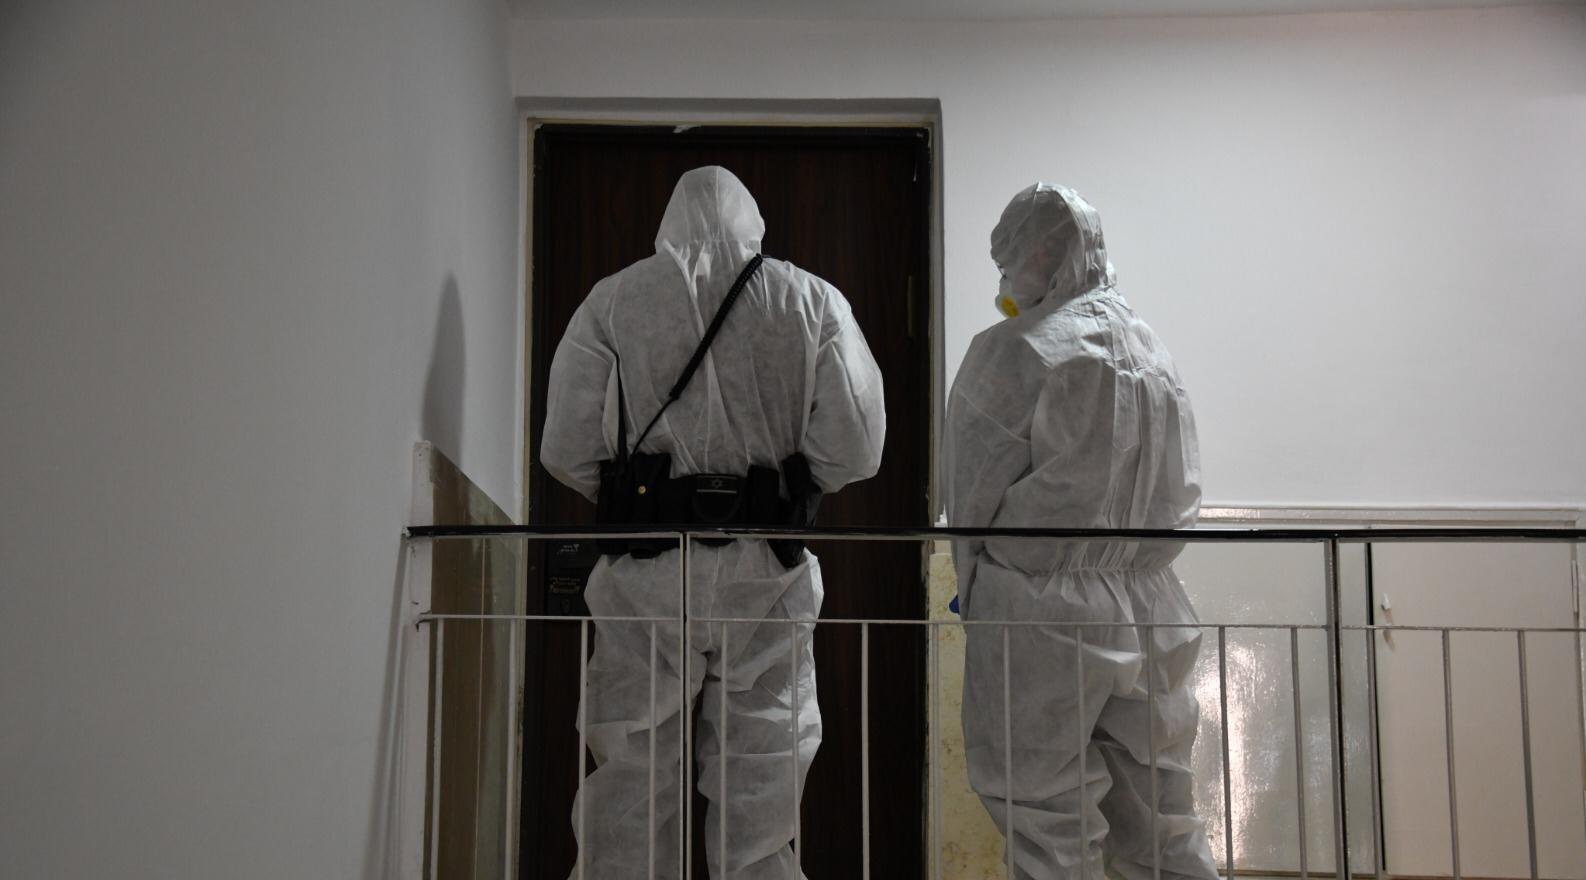 מיגון מפני קורונה (צילום: דוברות המשטרה)